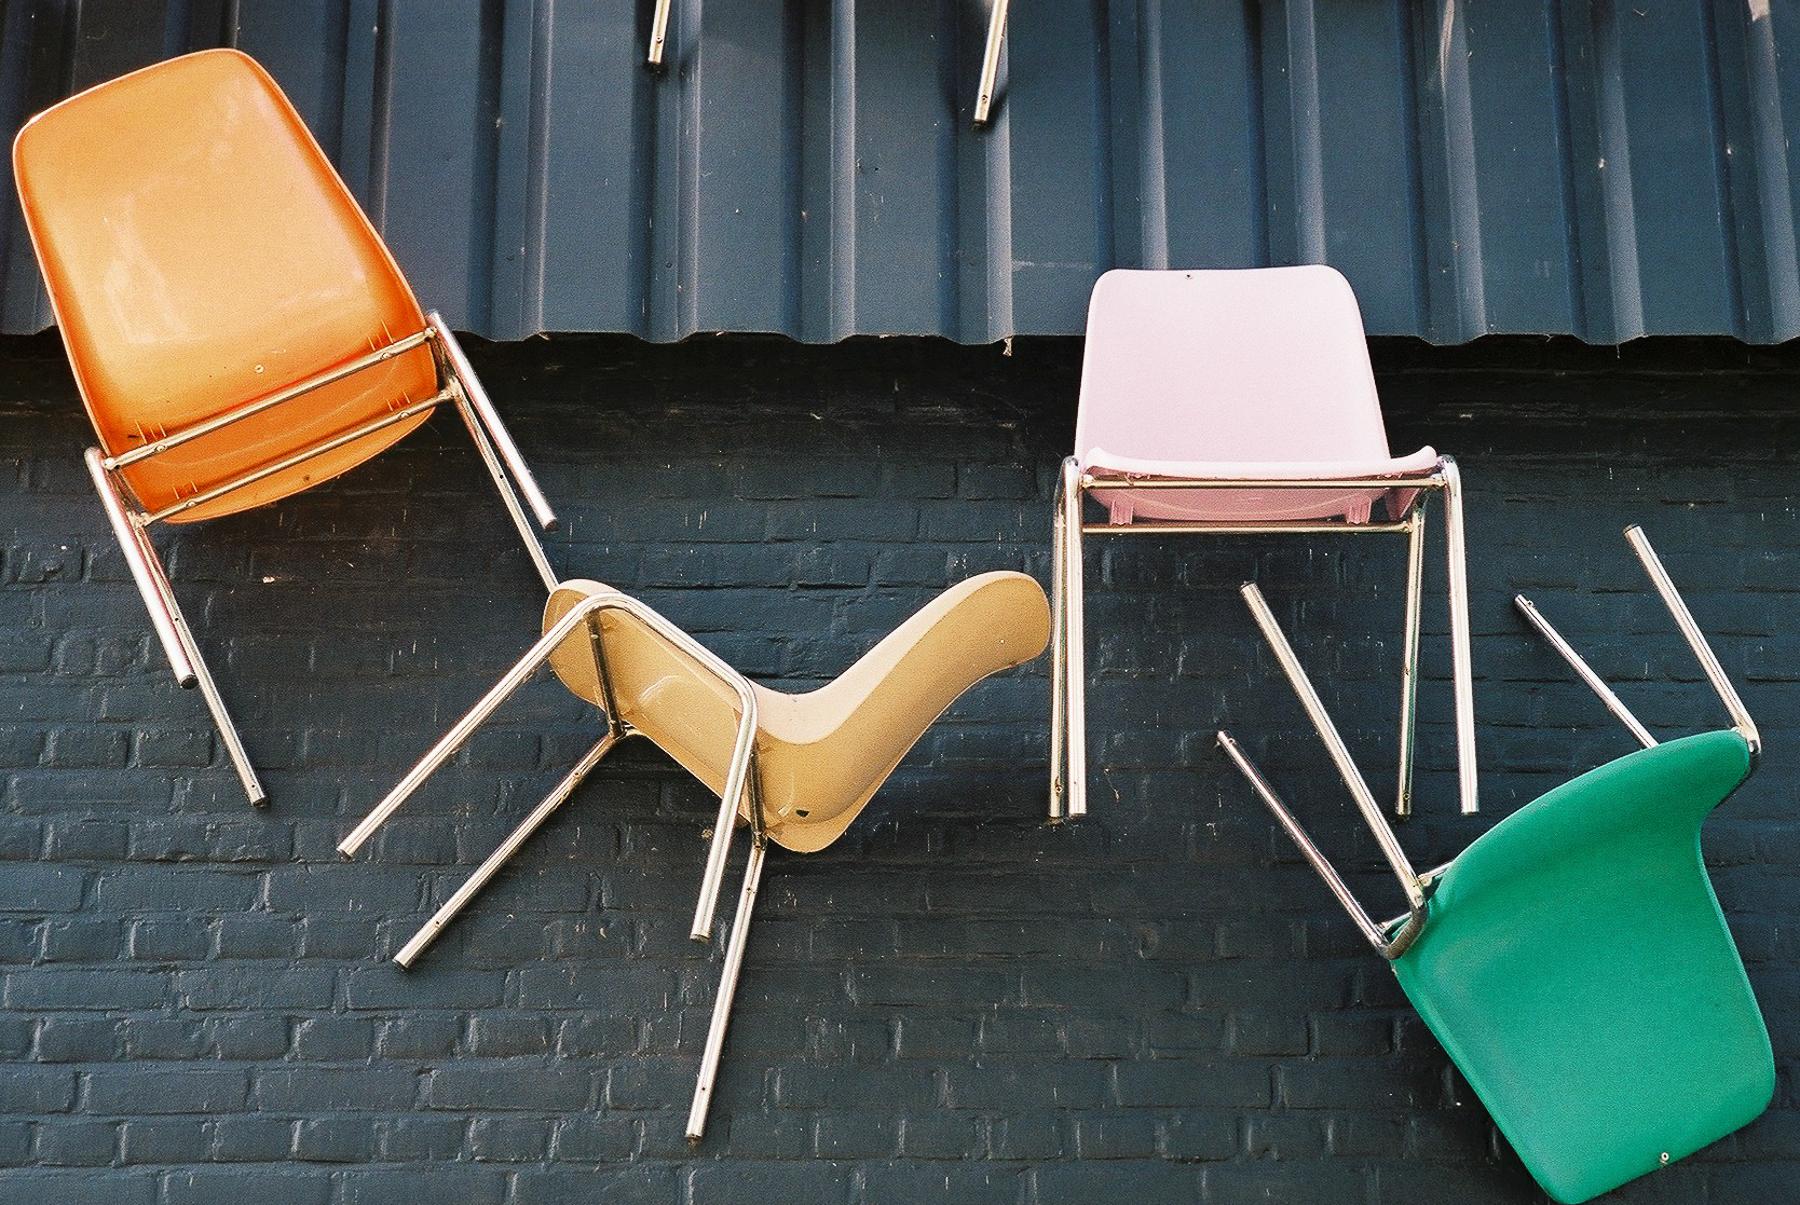 Take a Seat | Bessa R | Jupiter 8 50mm | Fuji Superia 200 | Robert Law